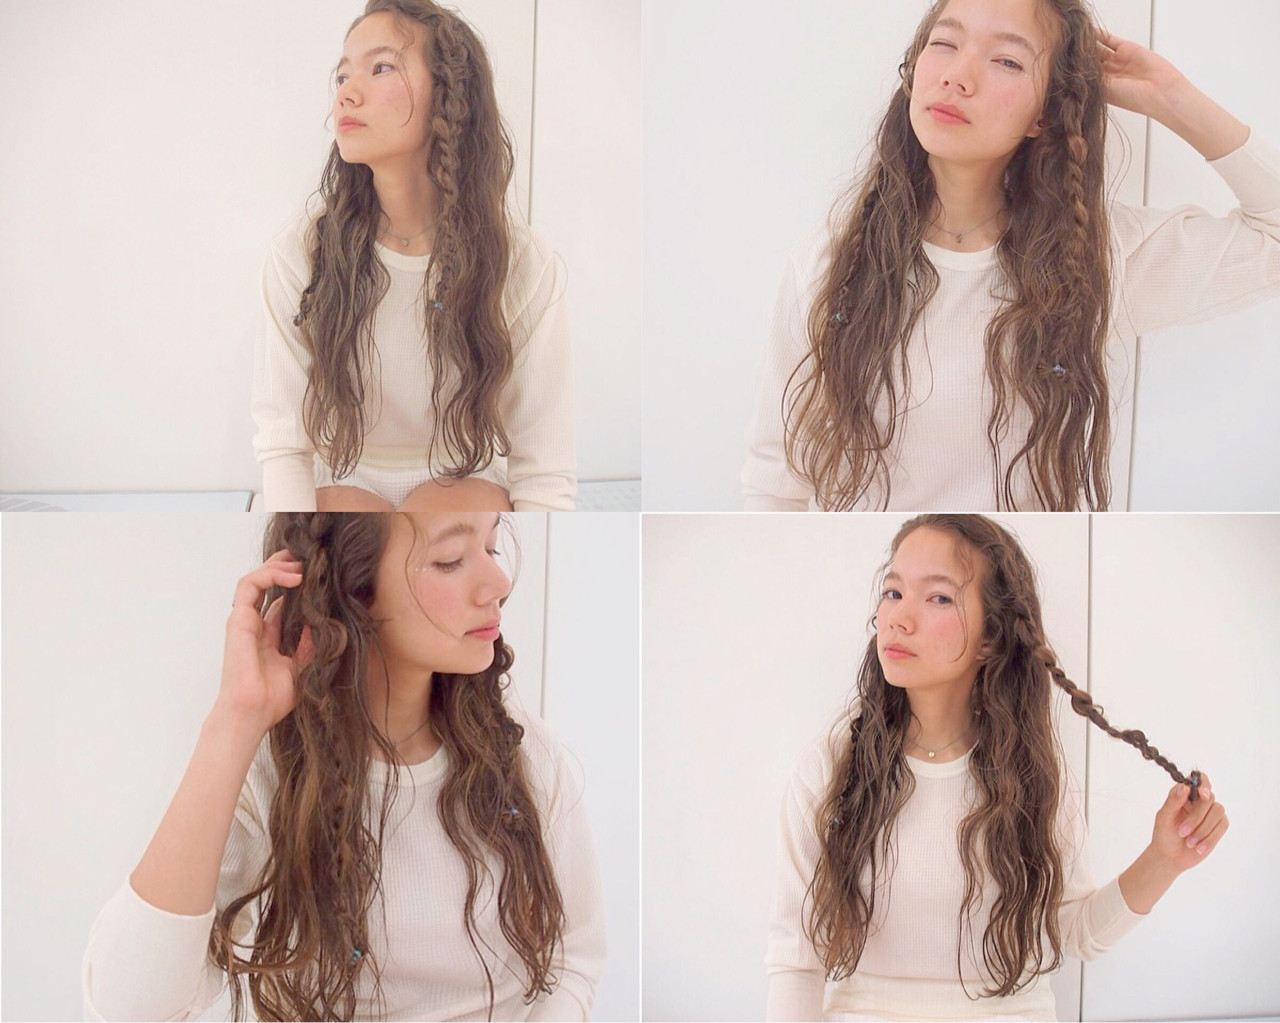 ローライト ロング ハイライト くせ毛風 ヘアスタイルや髪型の写真・画像 | Rie Akita / LOAVE omotesando